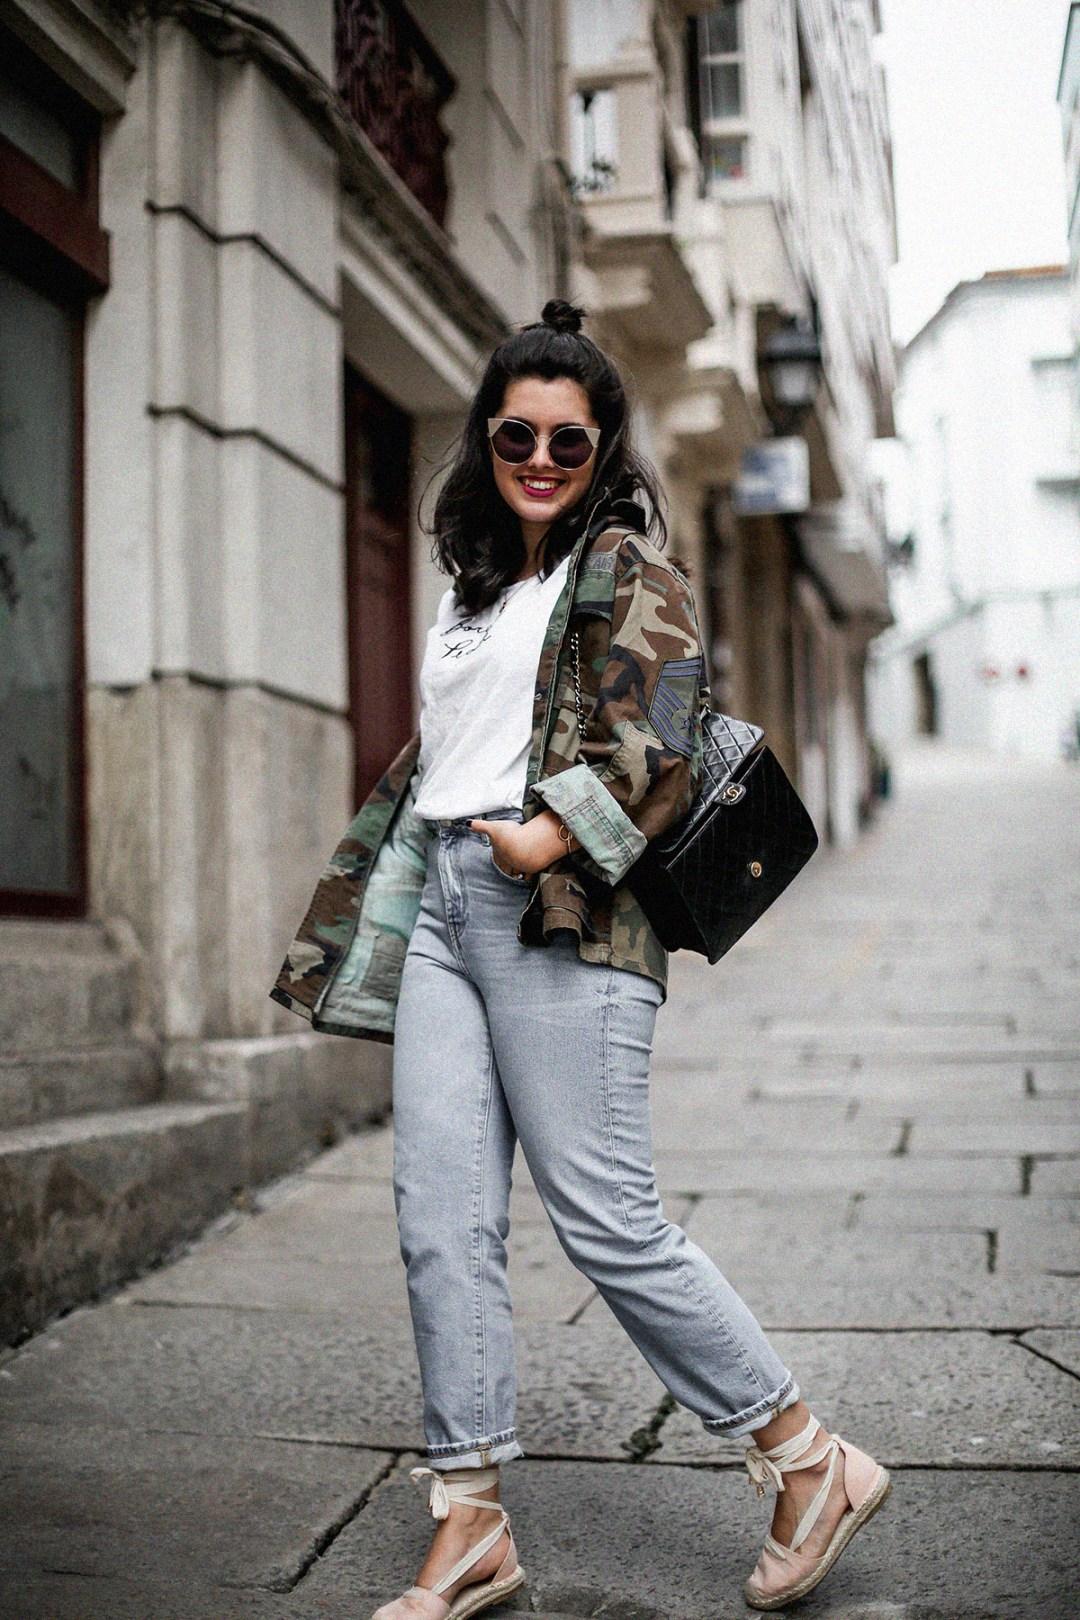 vintage-army-jacket-mom-jeans-espadrilles-myblueberrynightsblog15